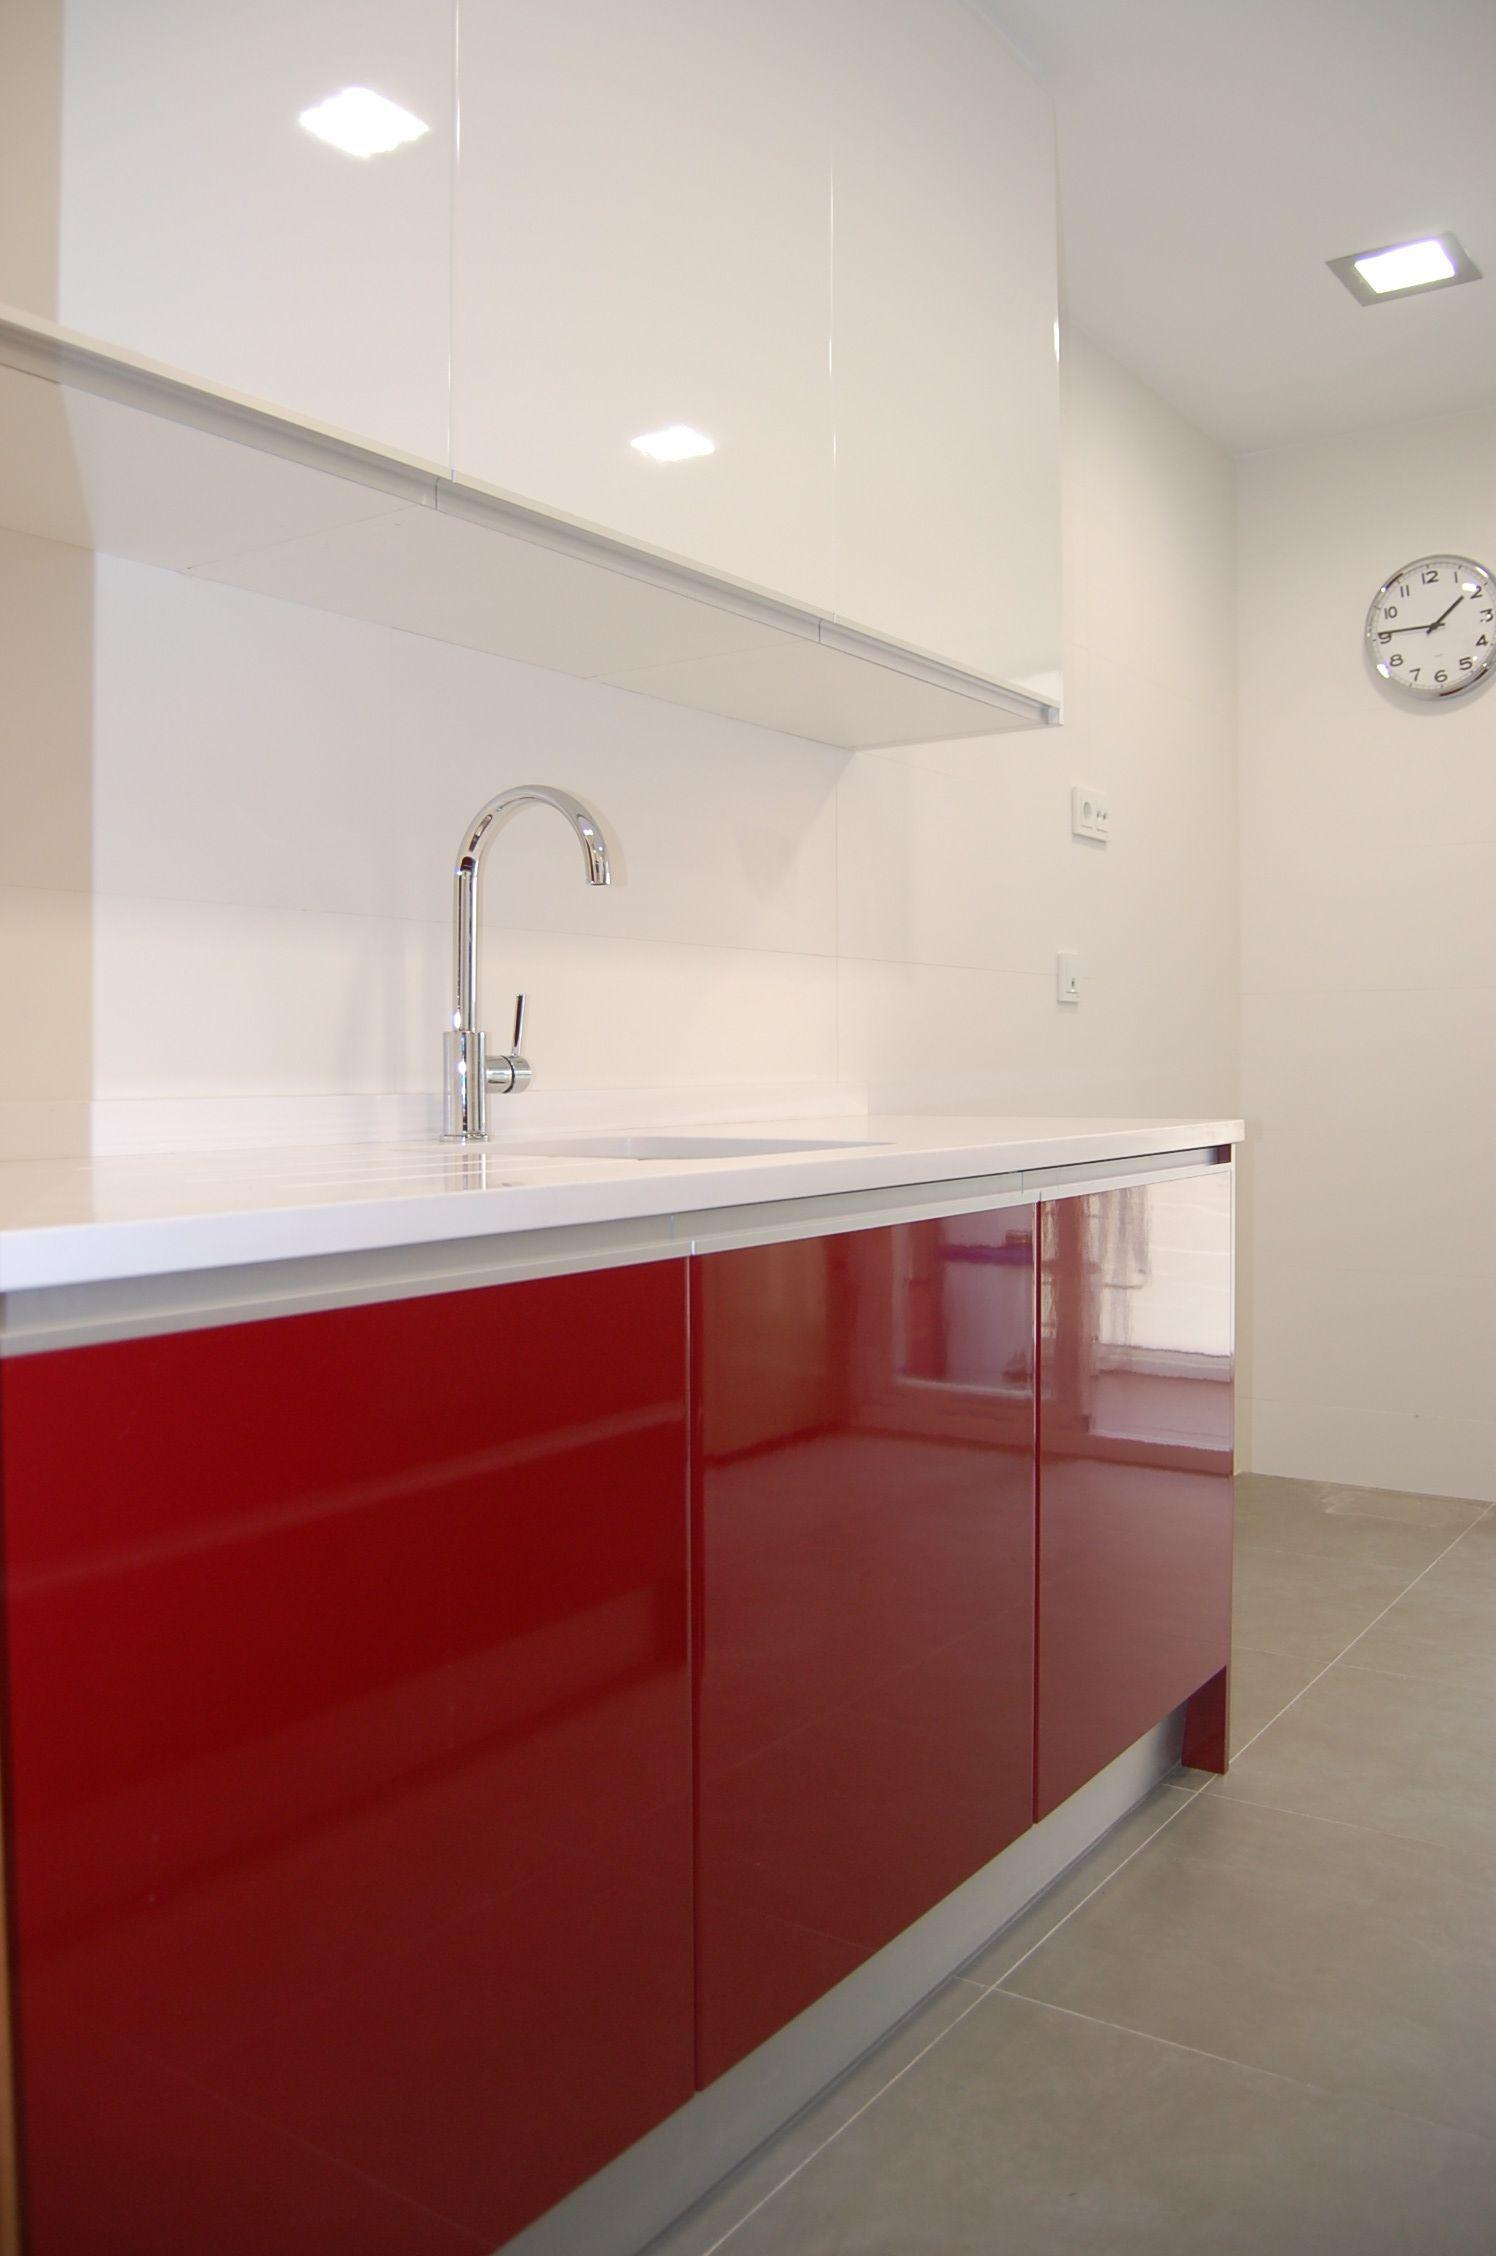 Cocina con mueble rojo y encimera de silestone en blanco cocinas kitchen home decor - Mueble encimera cocina ...